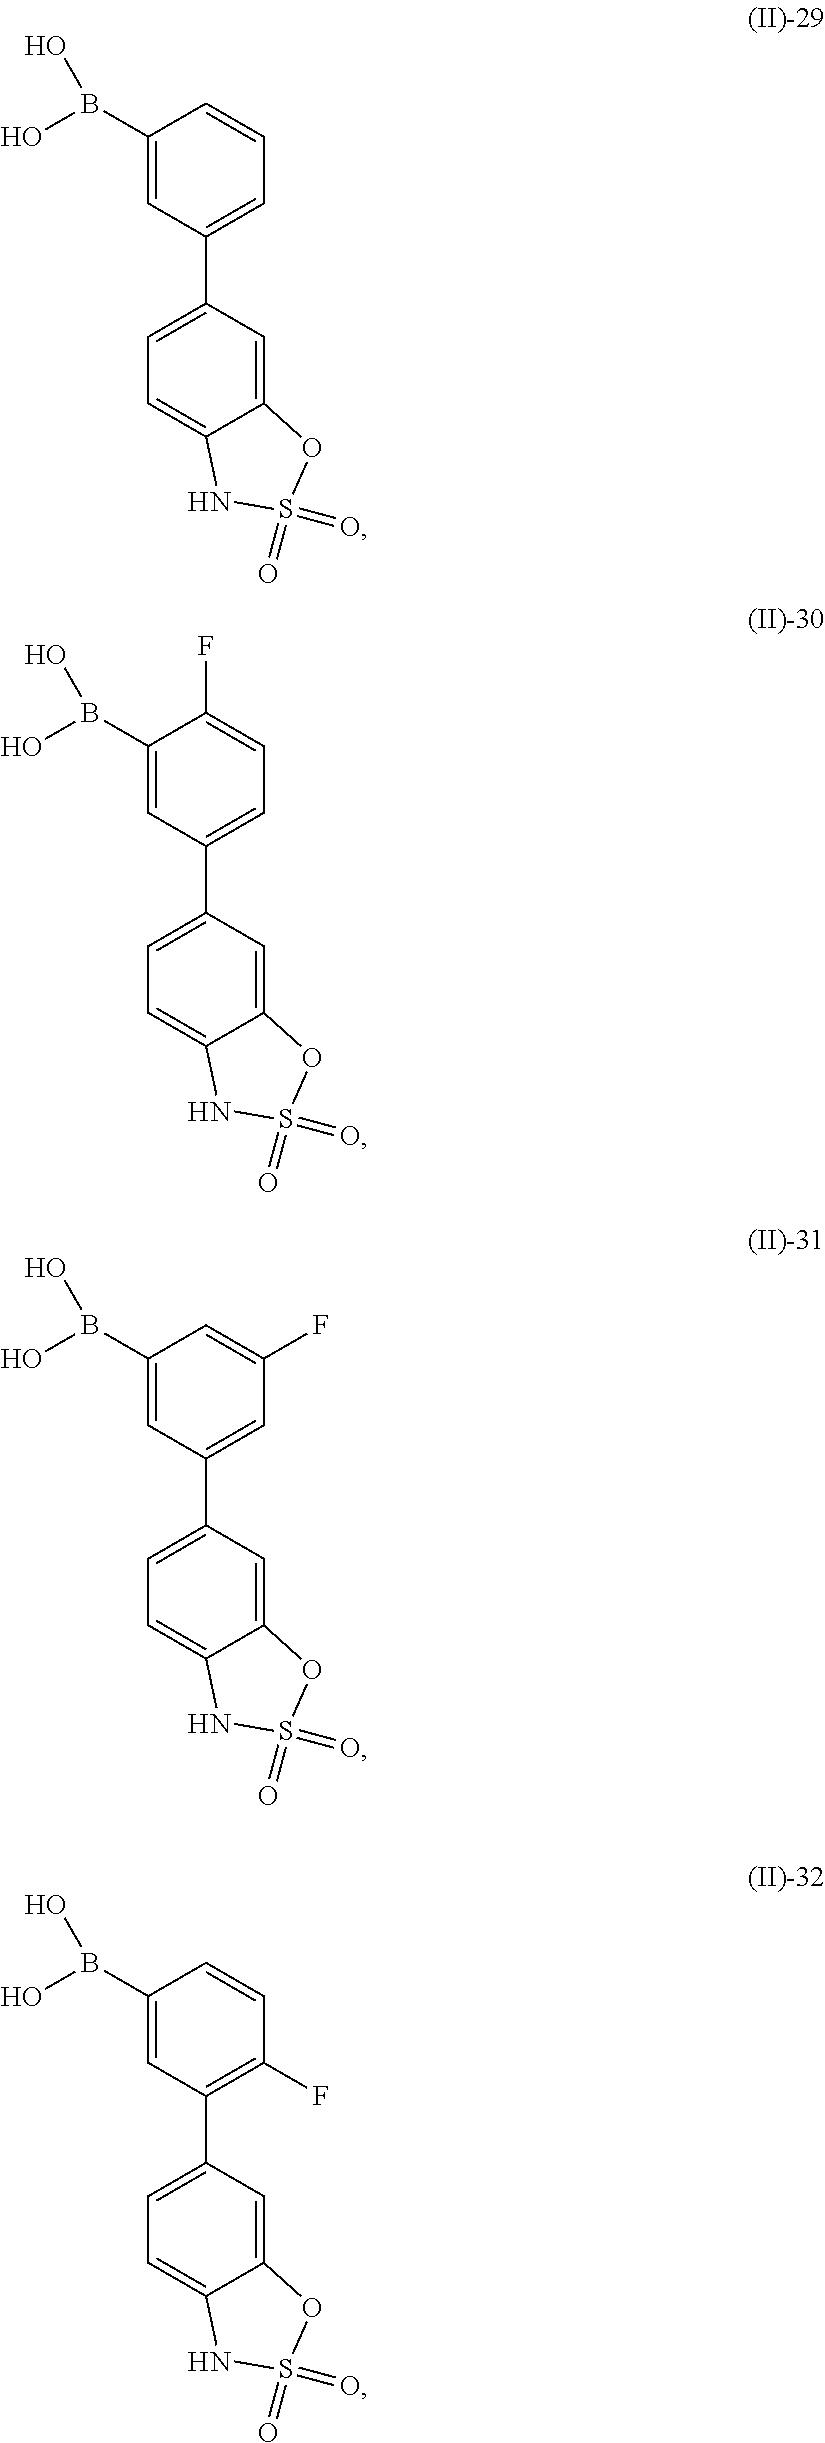 Figure US09630979-20170425-C00013